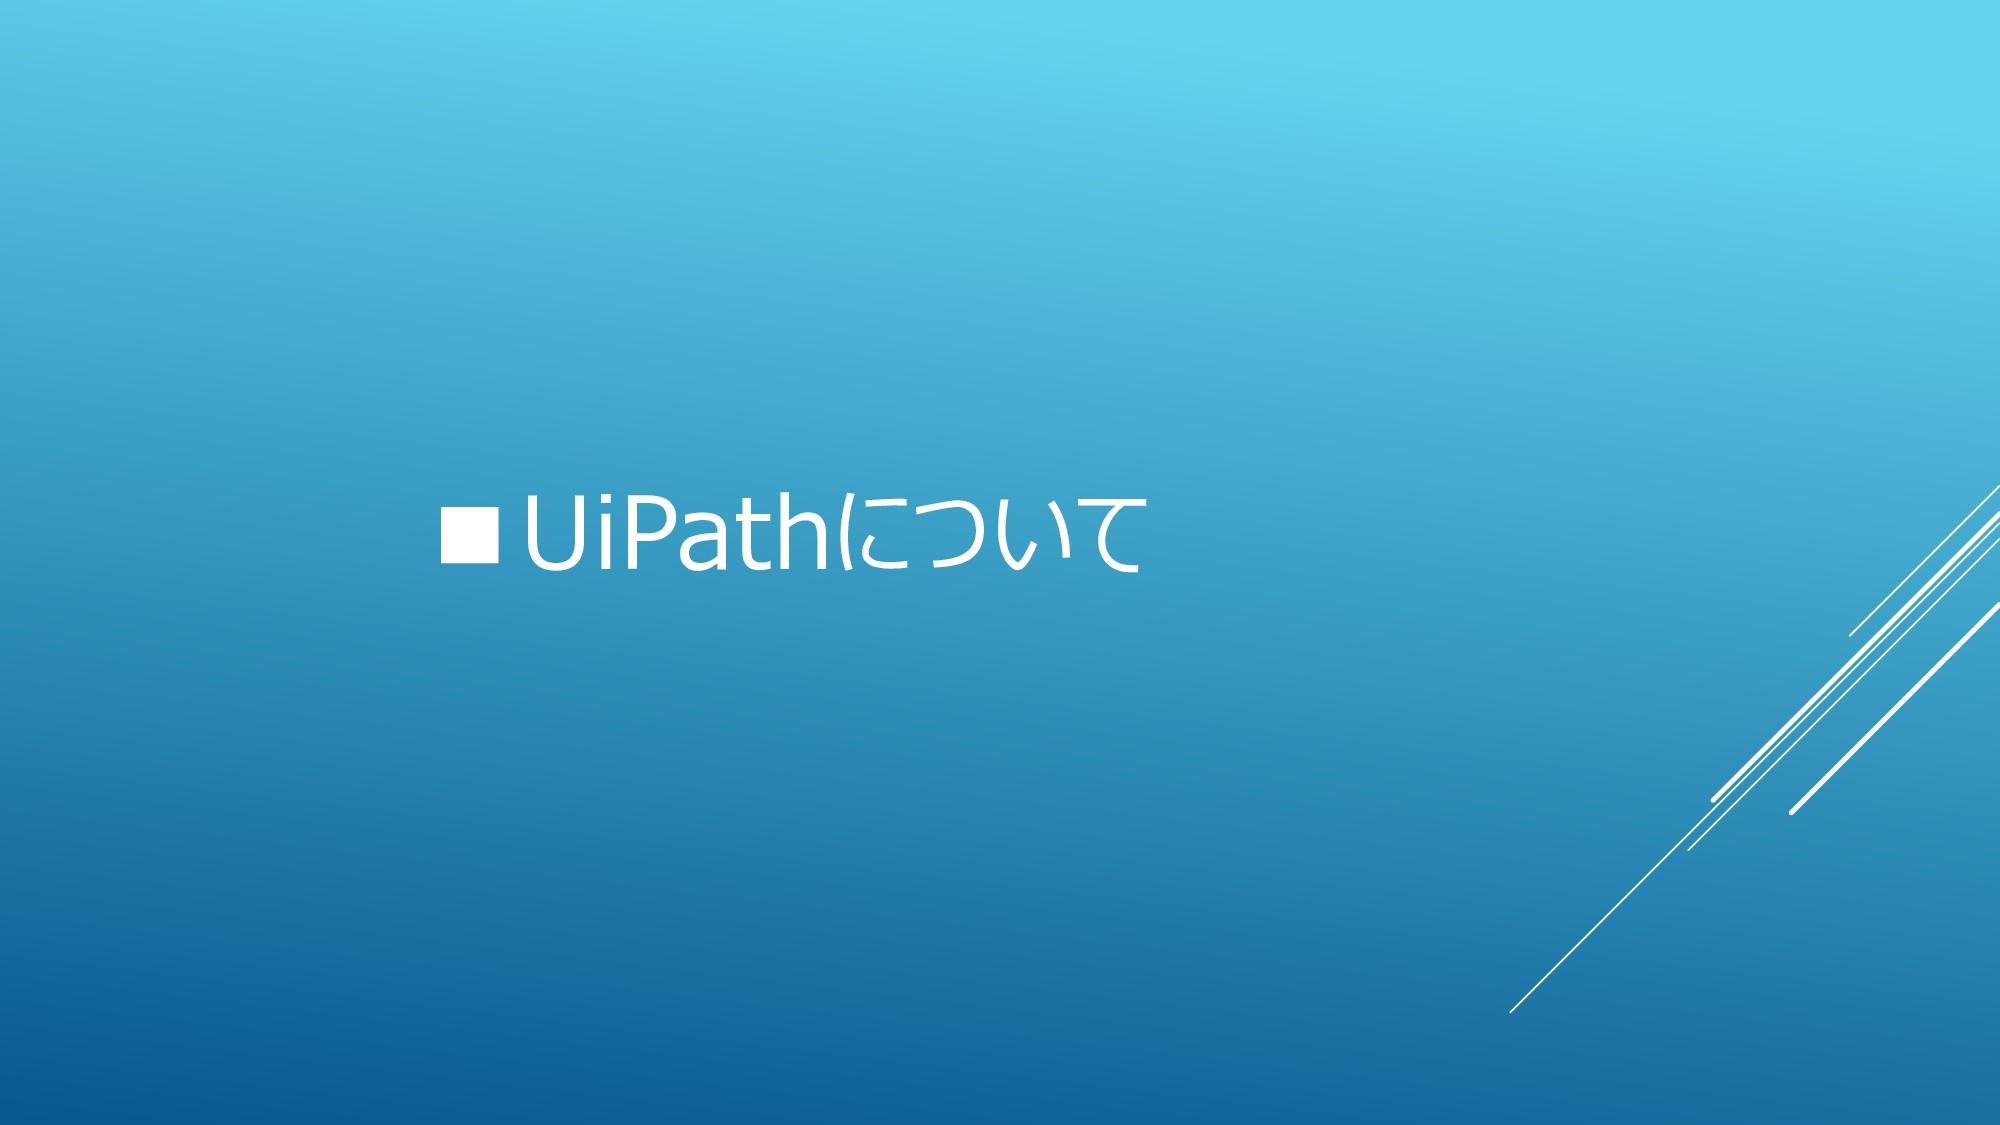 ■UiPathについて